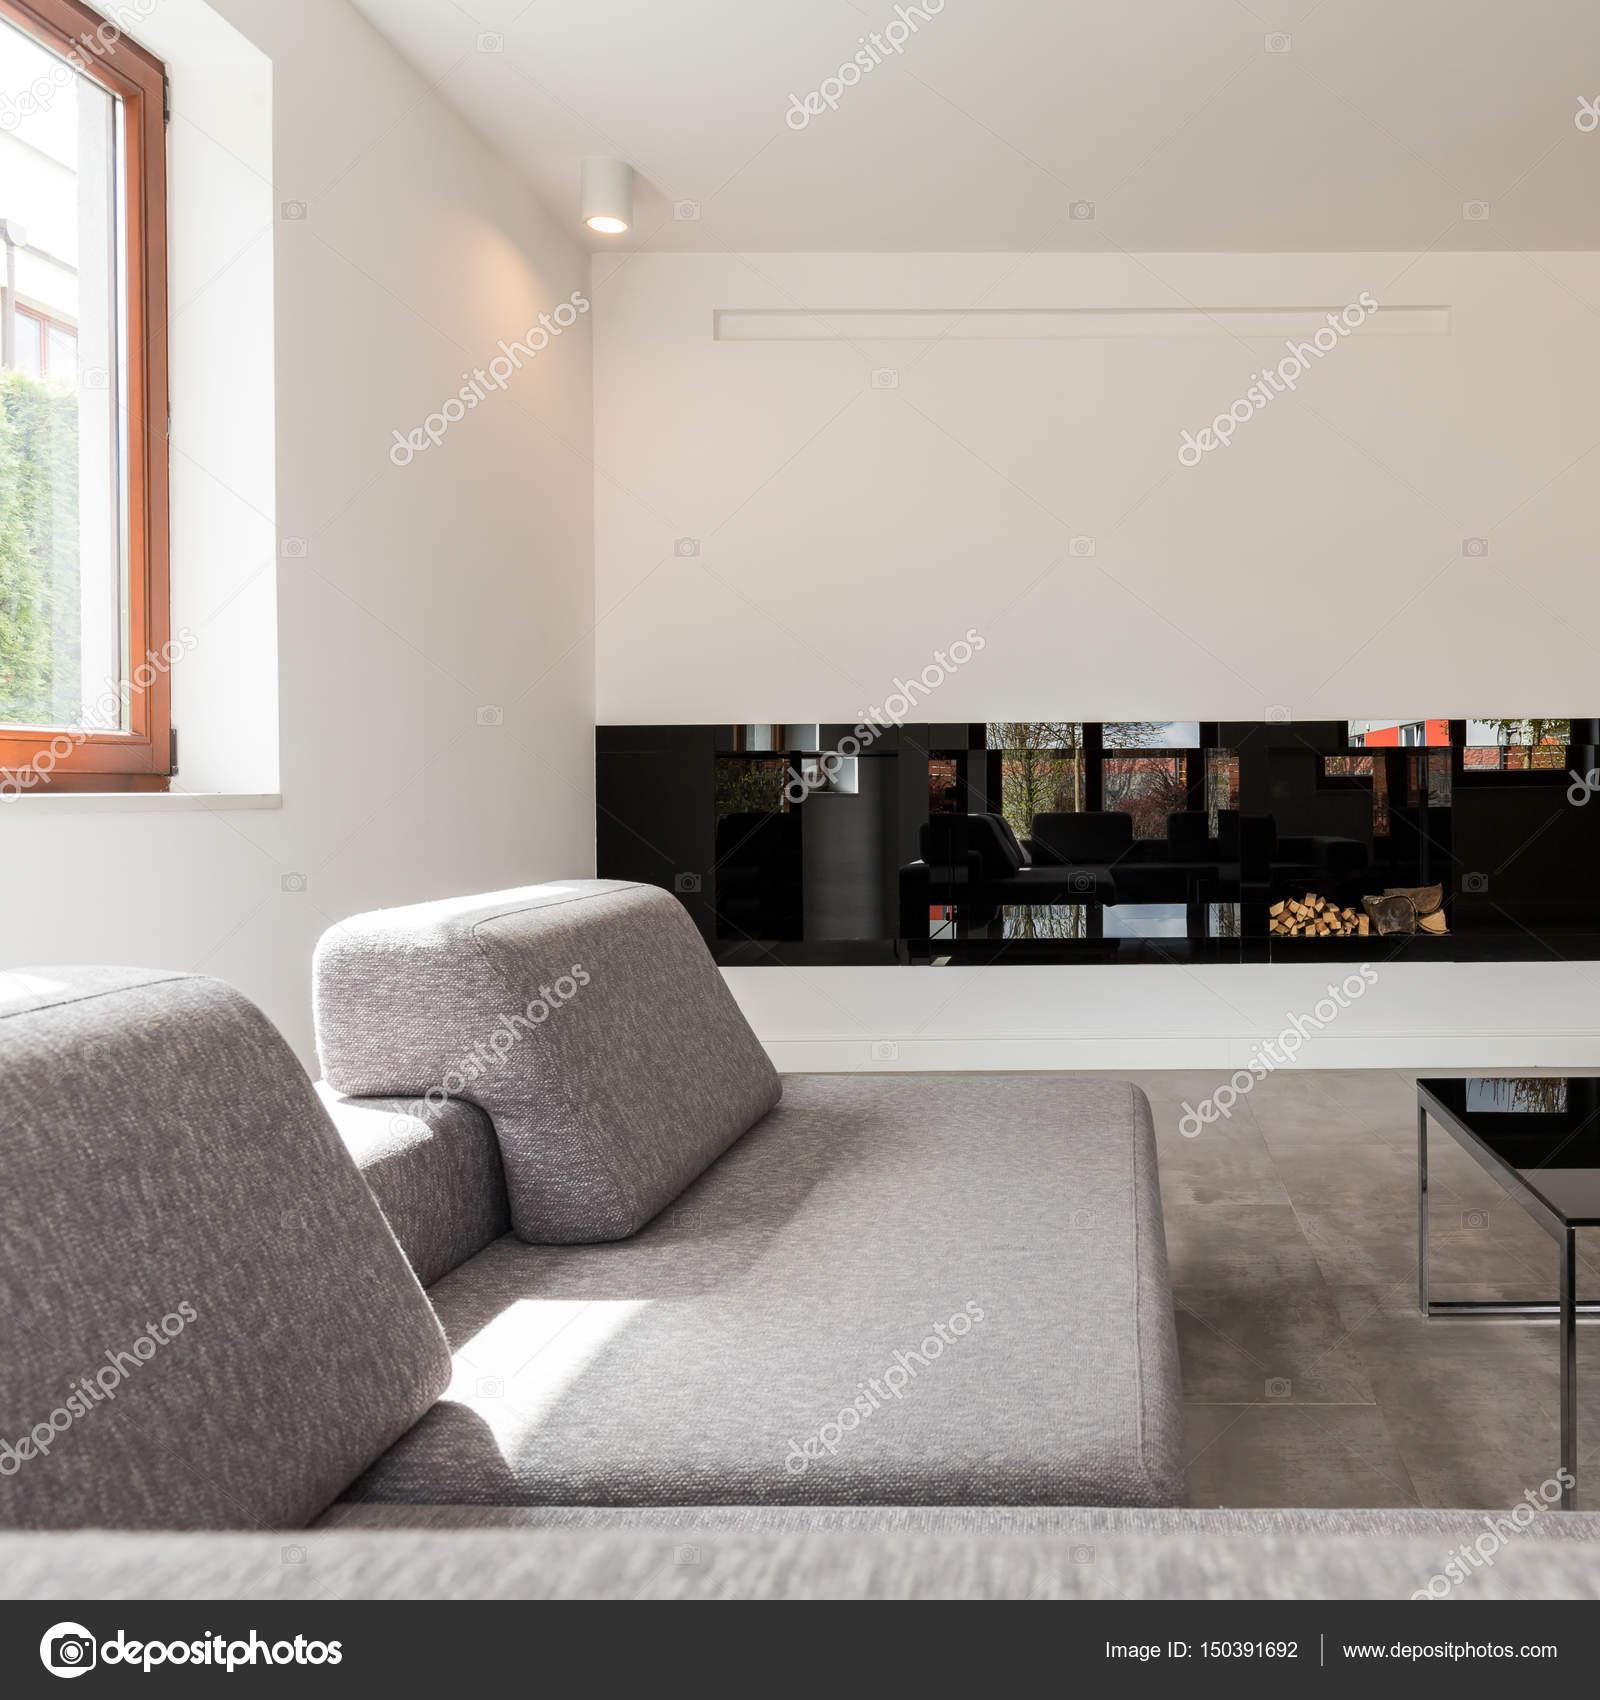 Minimalistisches Wohnzimmer Mit Kamin Stockfoto